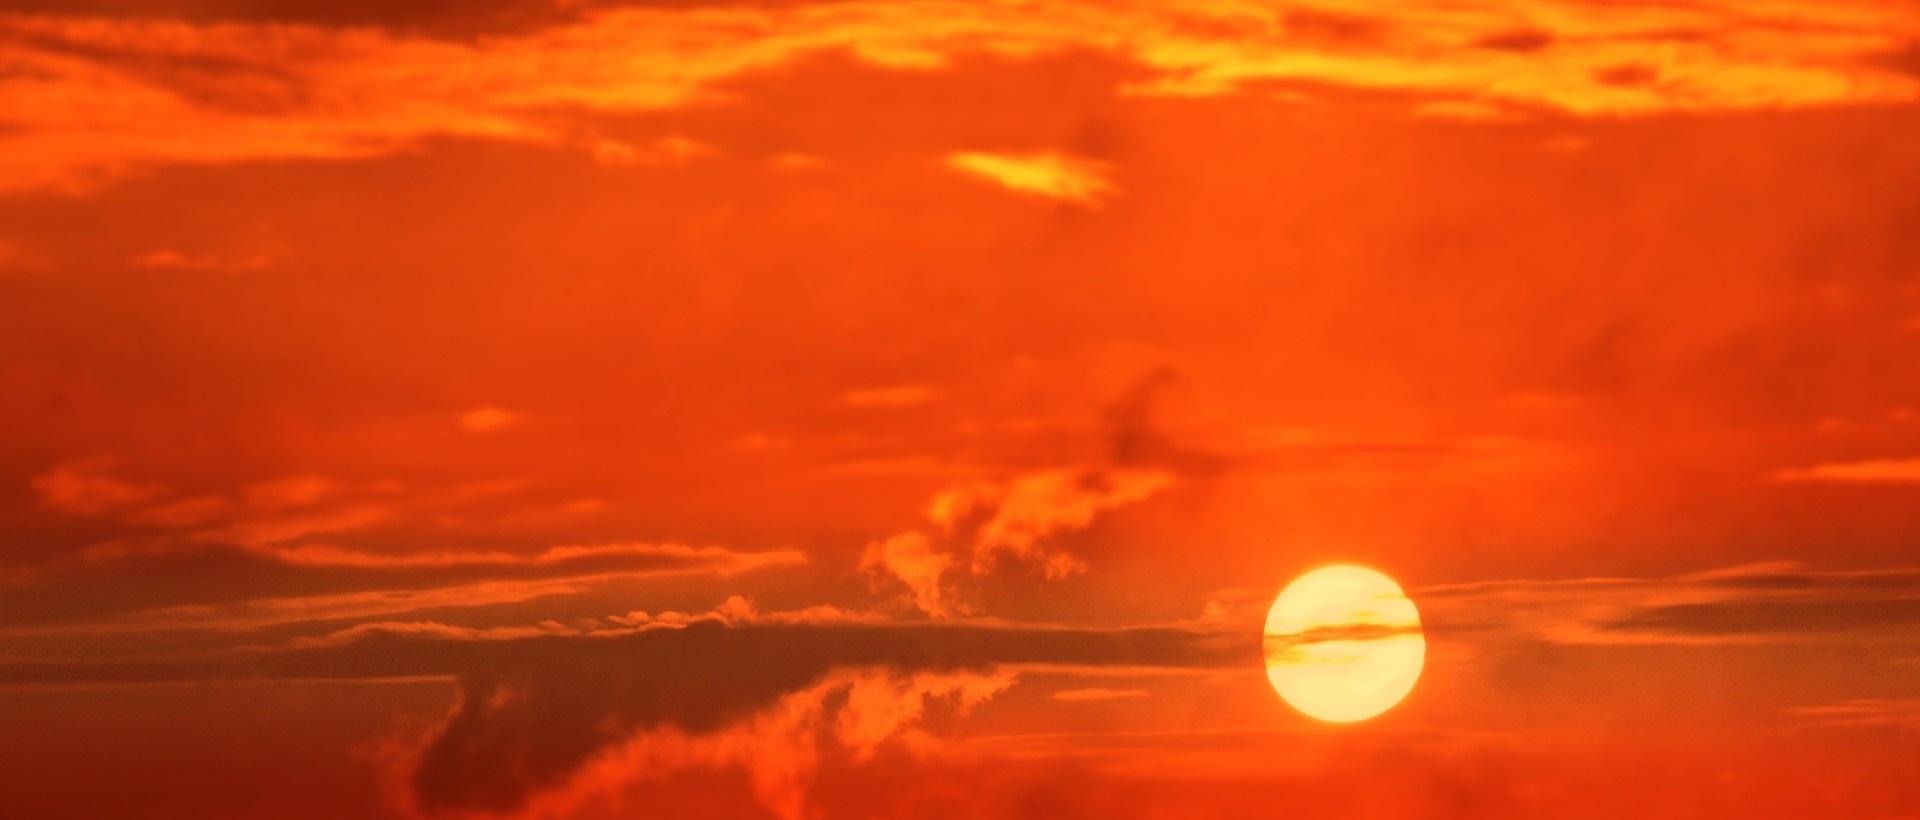 Solnedgång mot röd himmel.